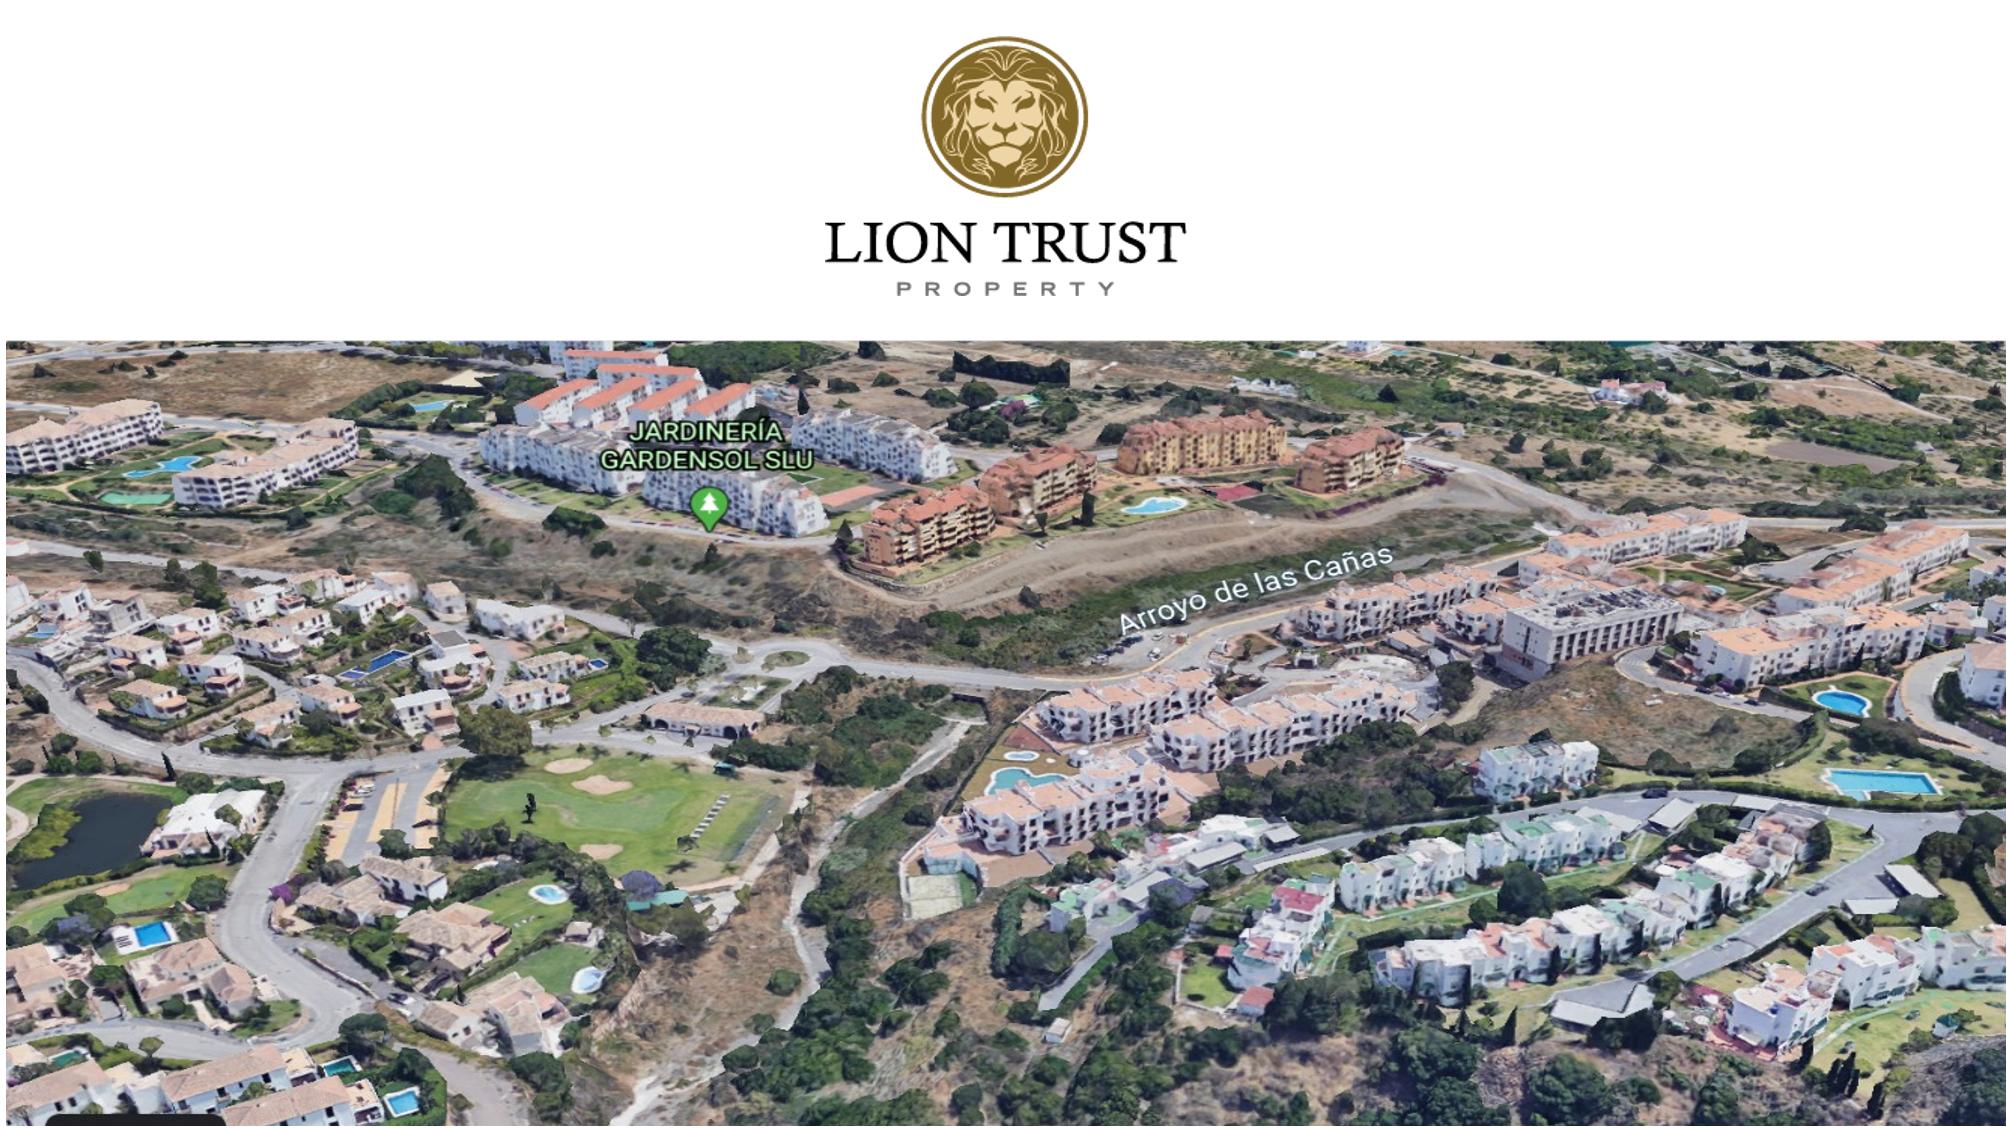 3a - Lion Trust Spain